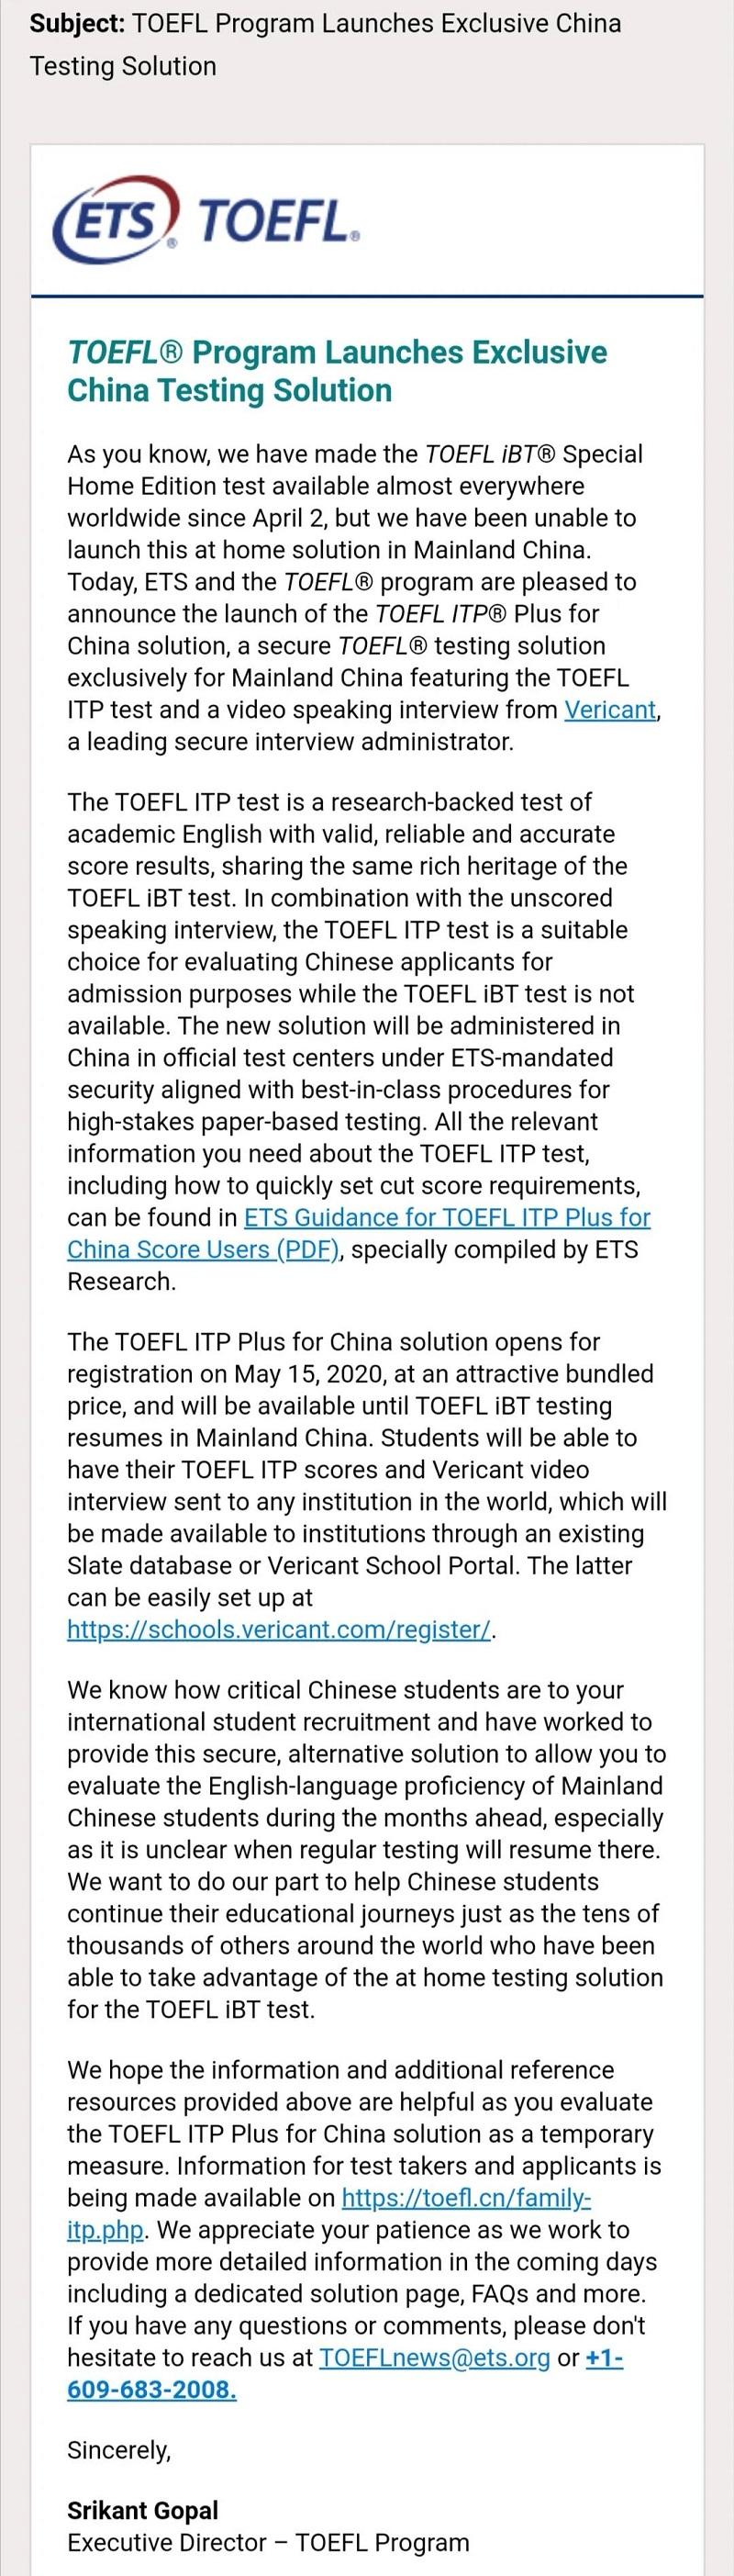 中国大陆专属版托福替代考试-TOEFL ITP Plus